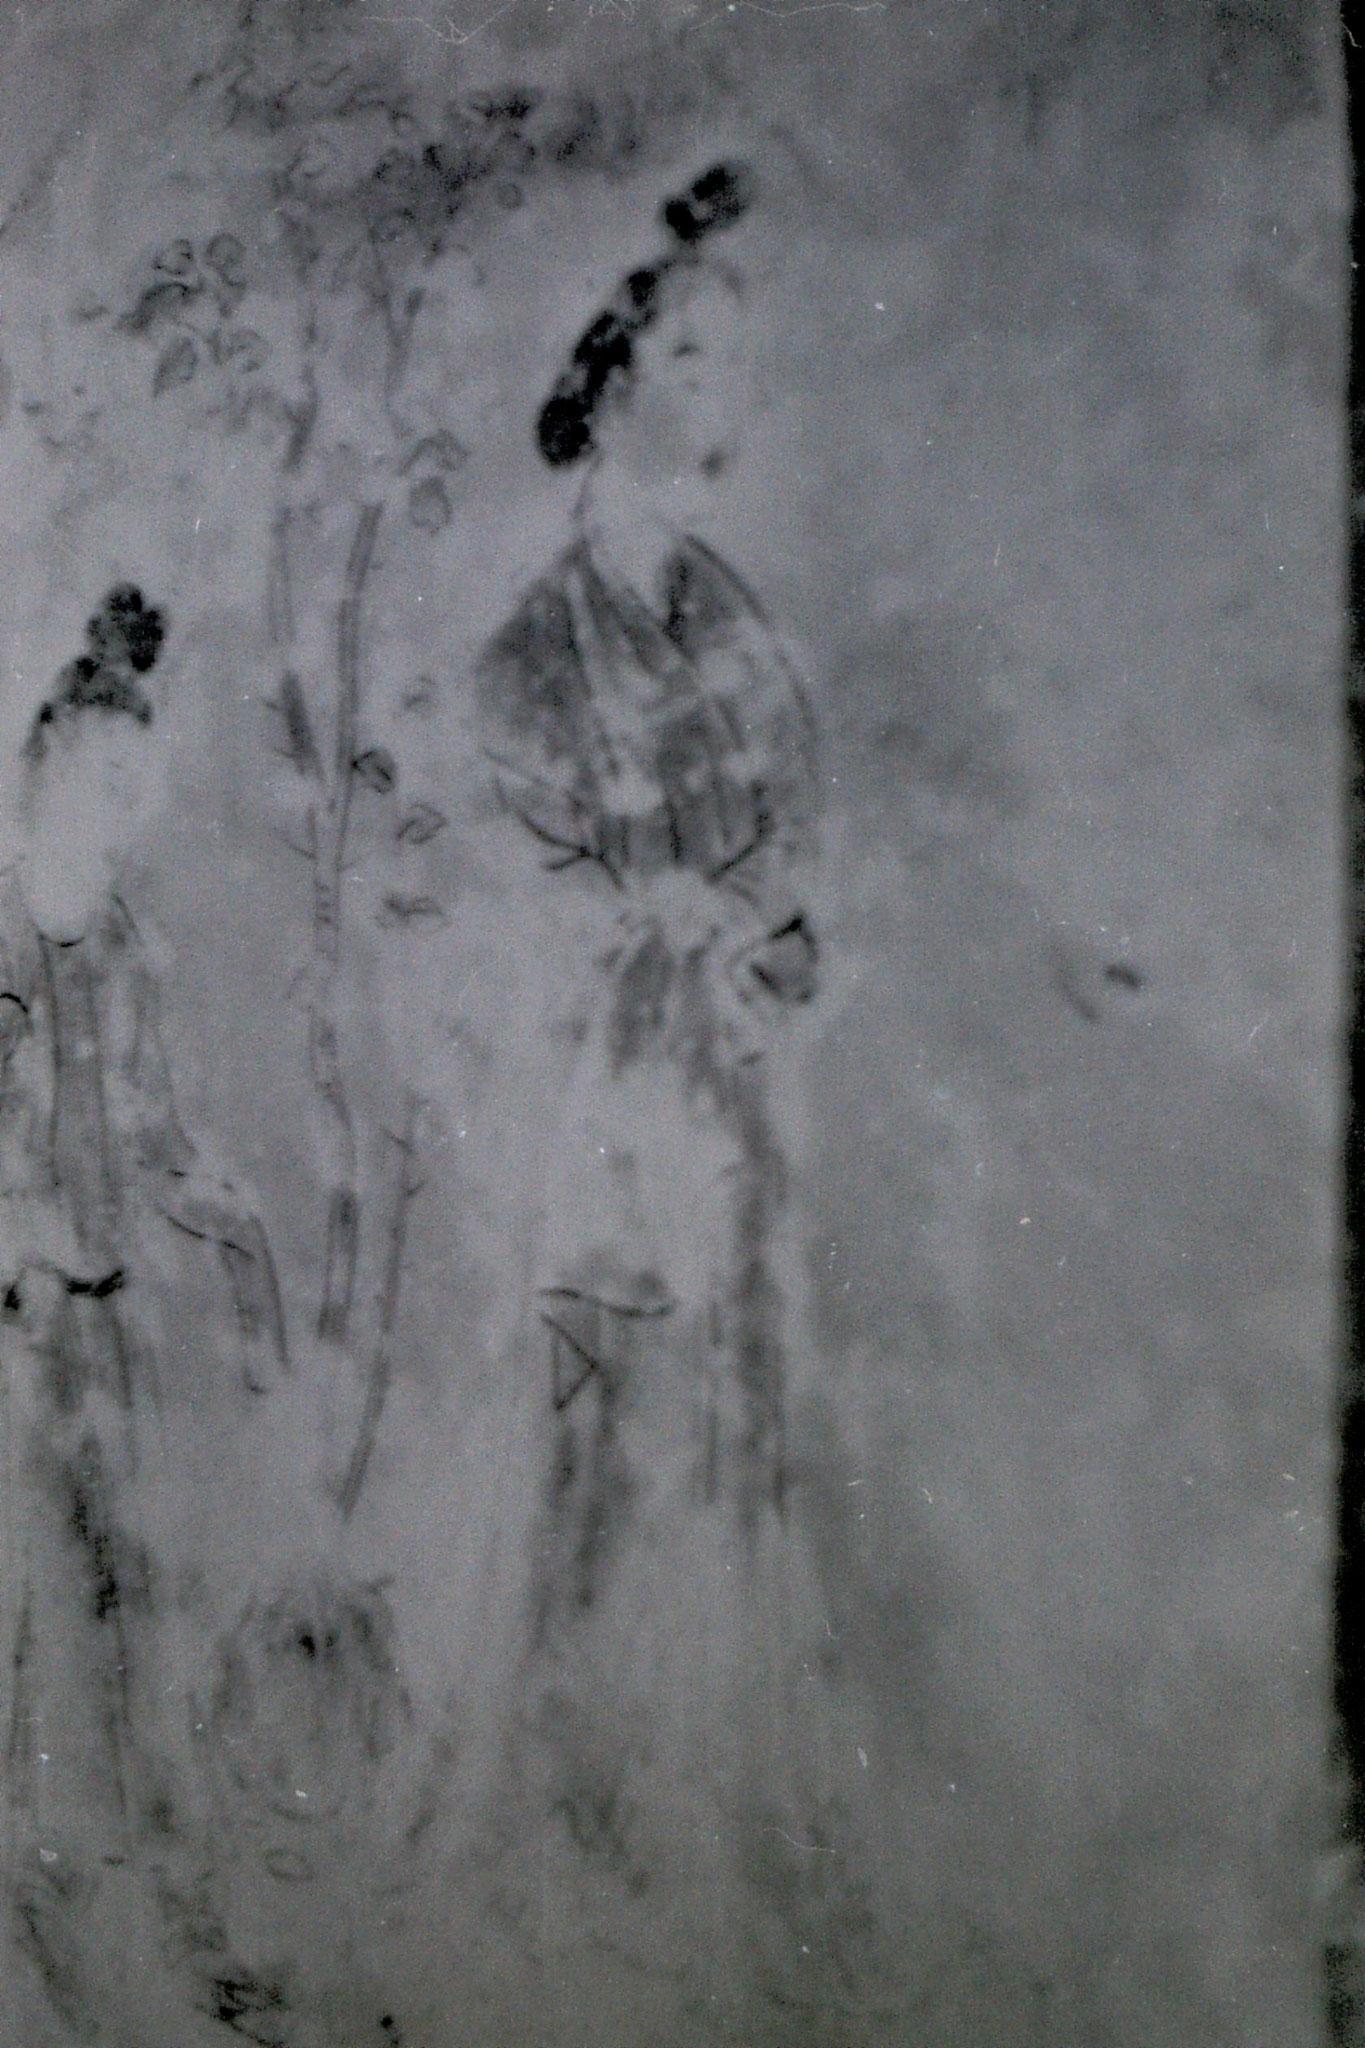 7/3/1989: 24: Xianyang museum fresco